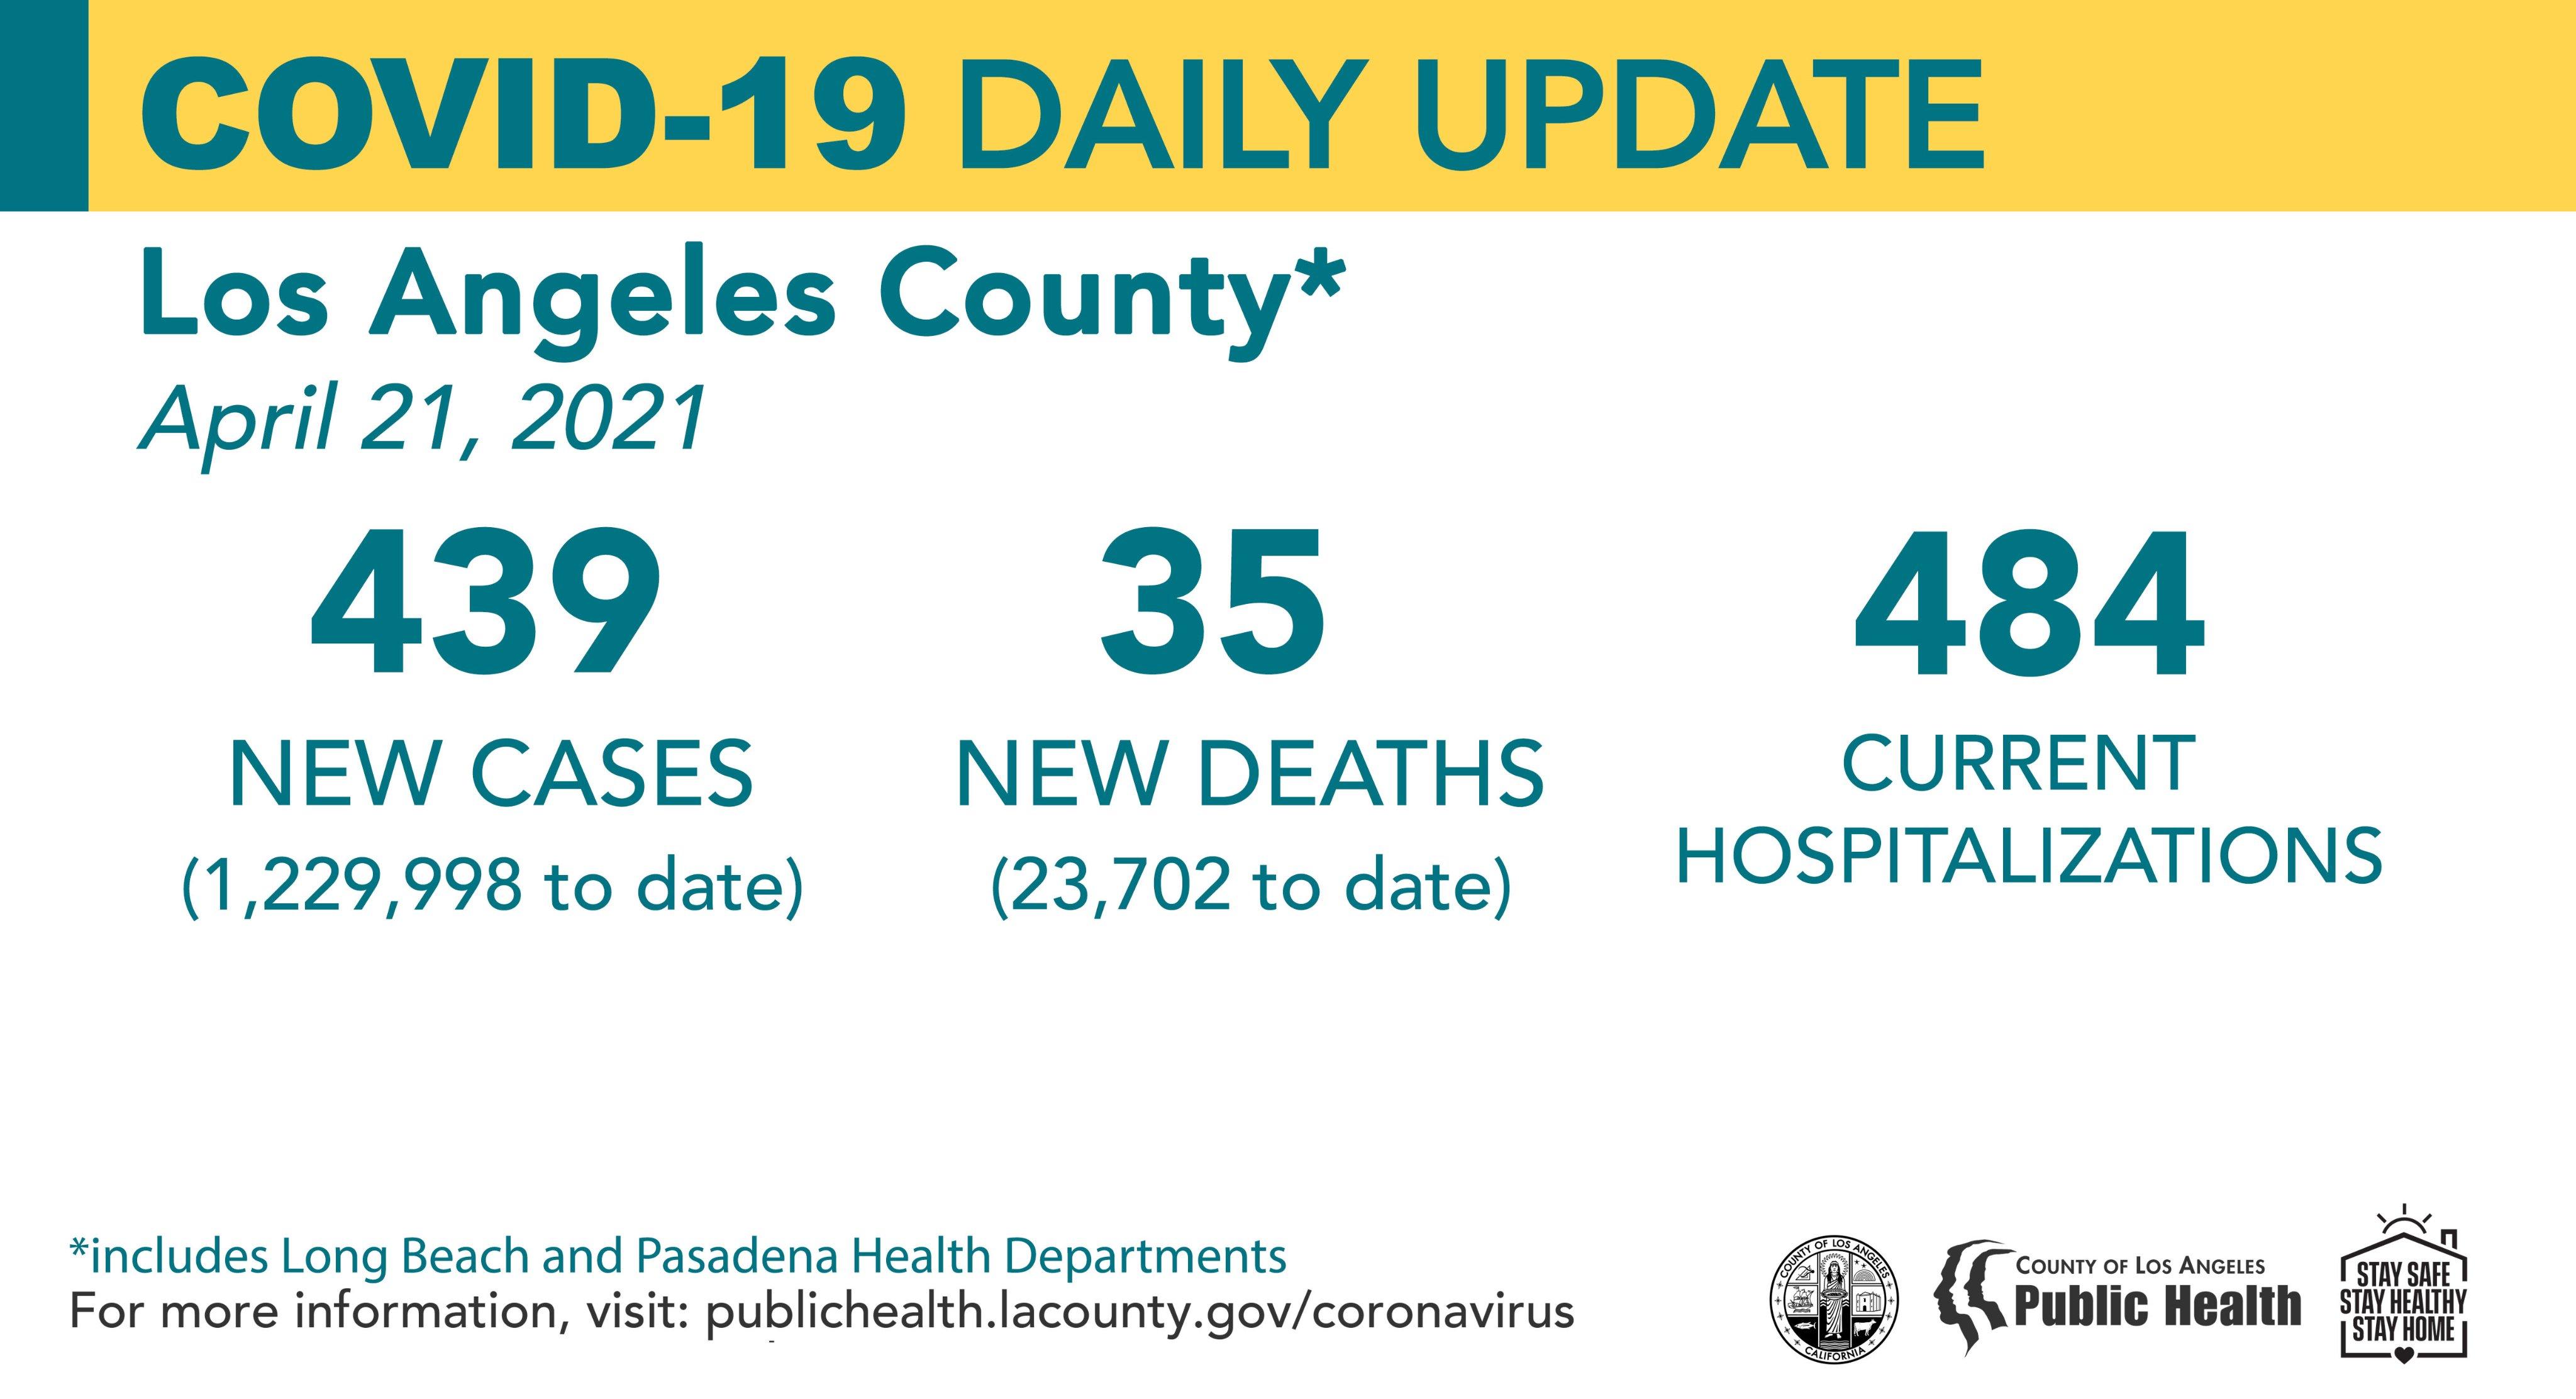 洛杉矶县4月21日新增新冠439例,死亡35例